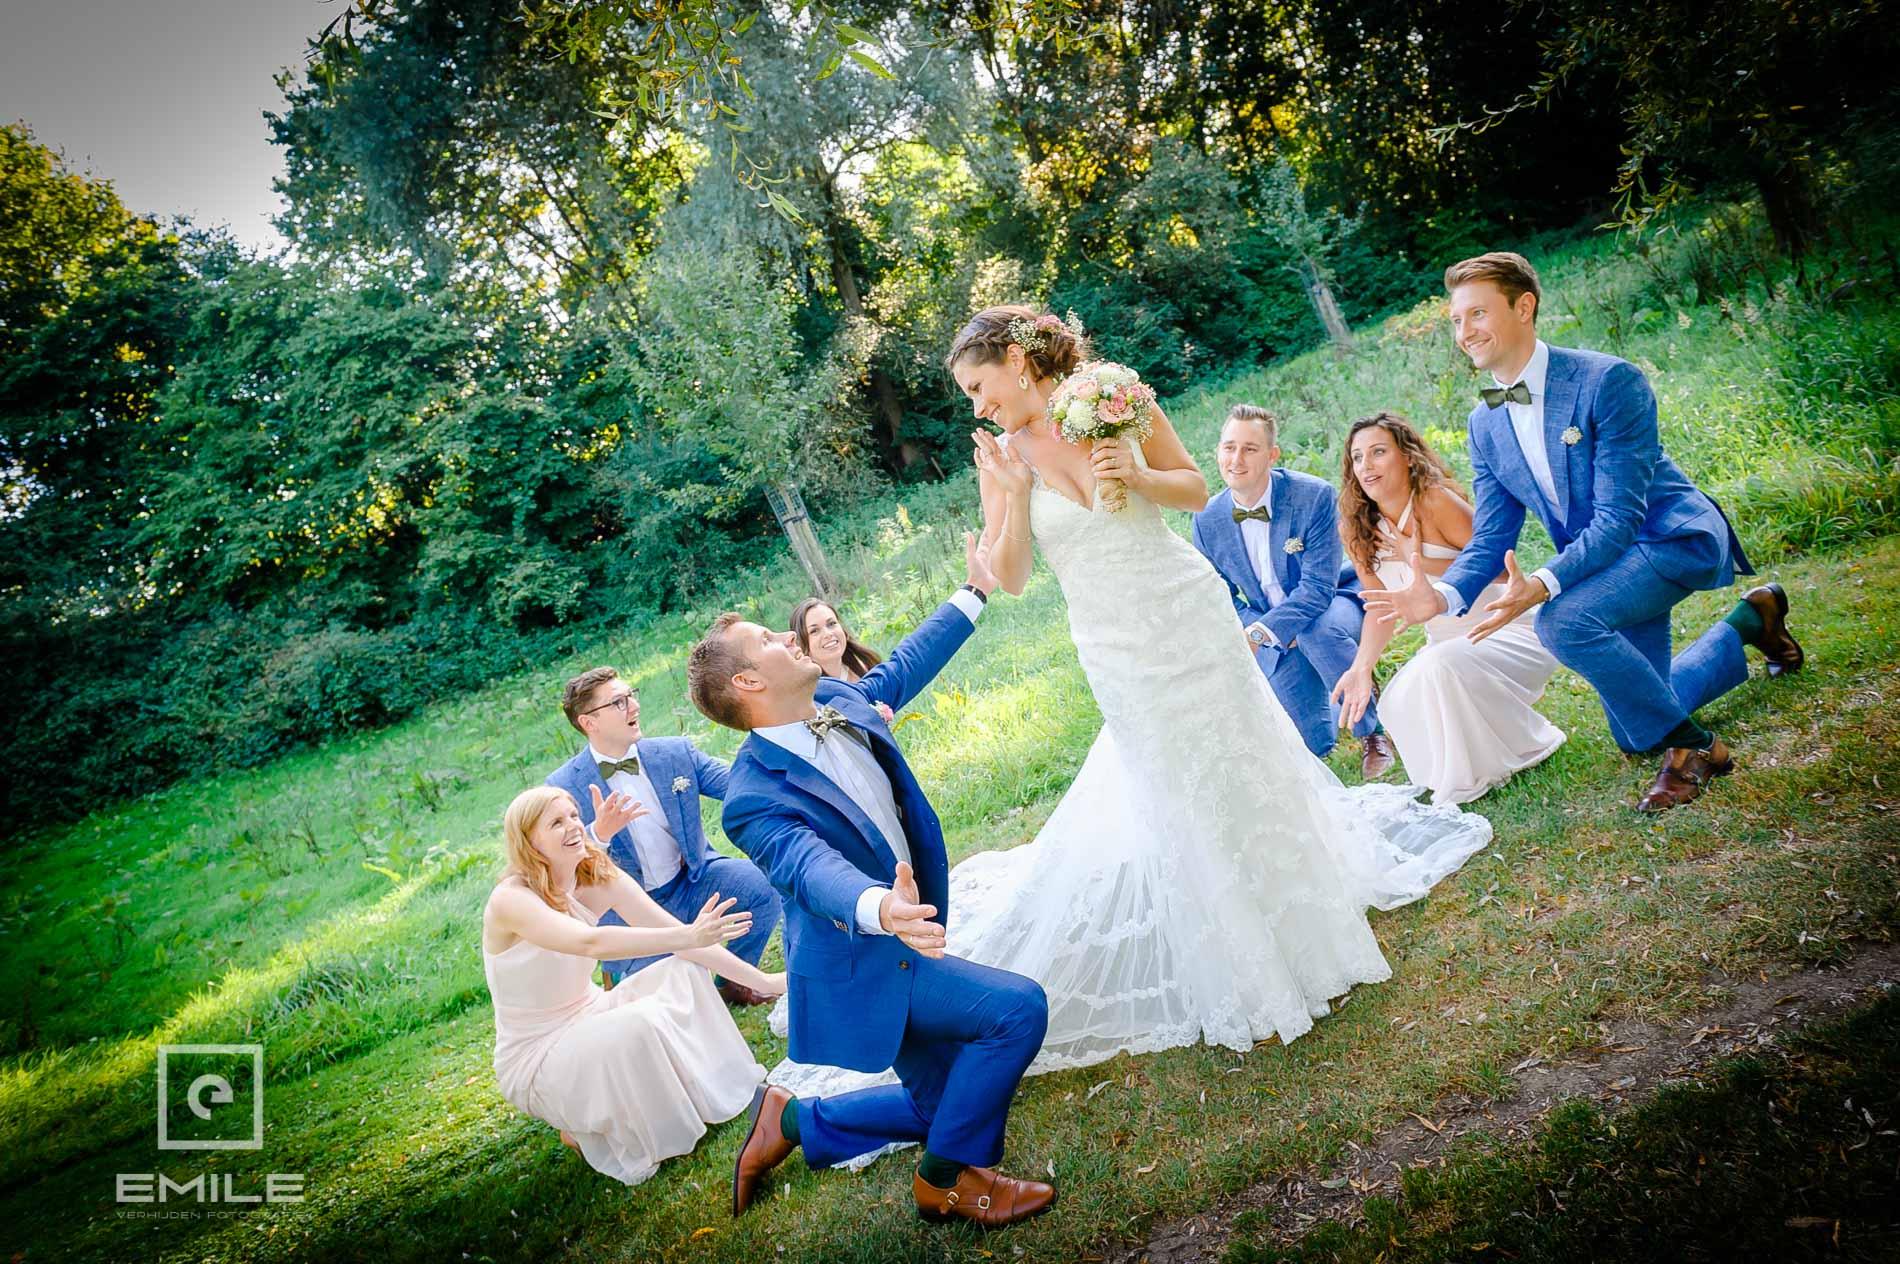 Bruidsfotograaf Landgraaf - Winselerhof